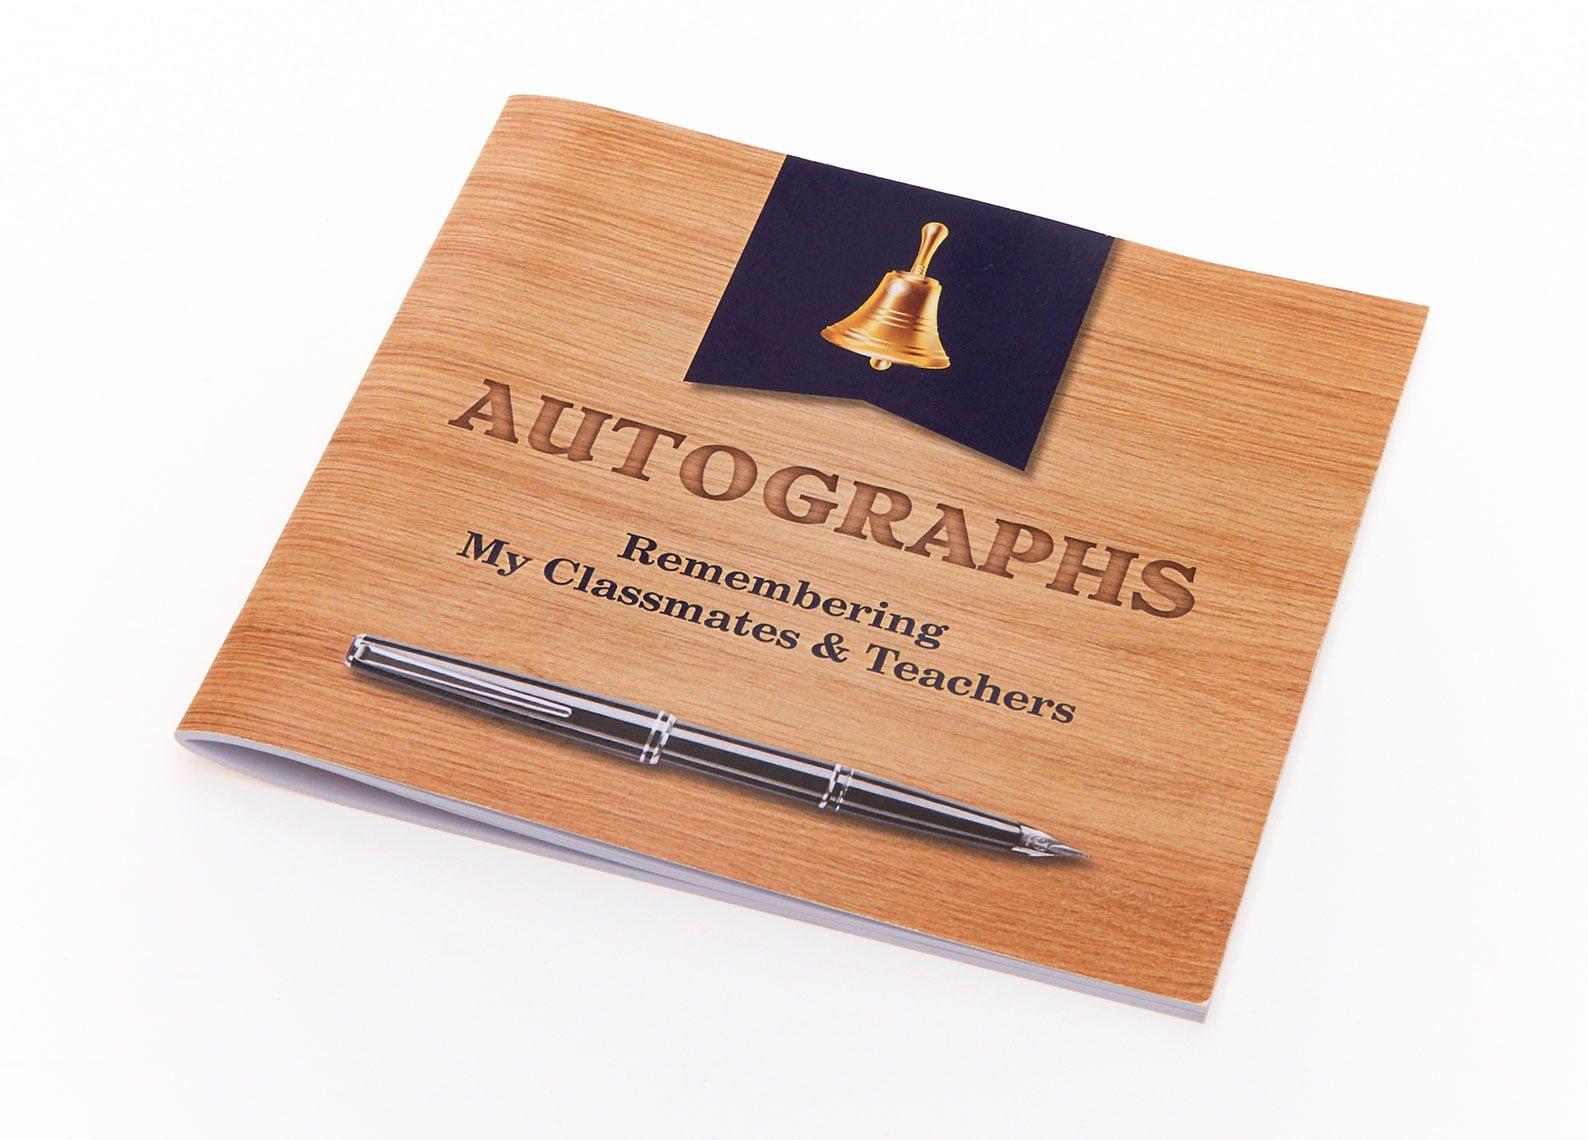 Autograph Books